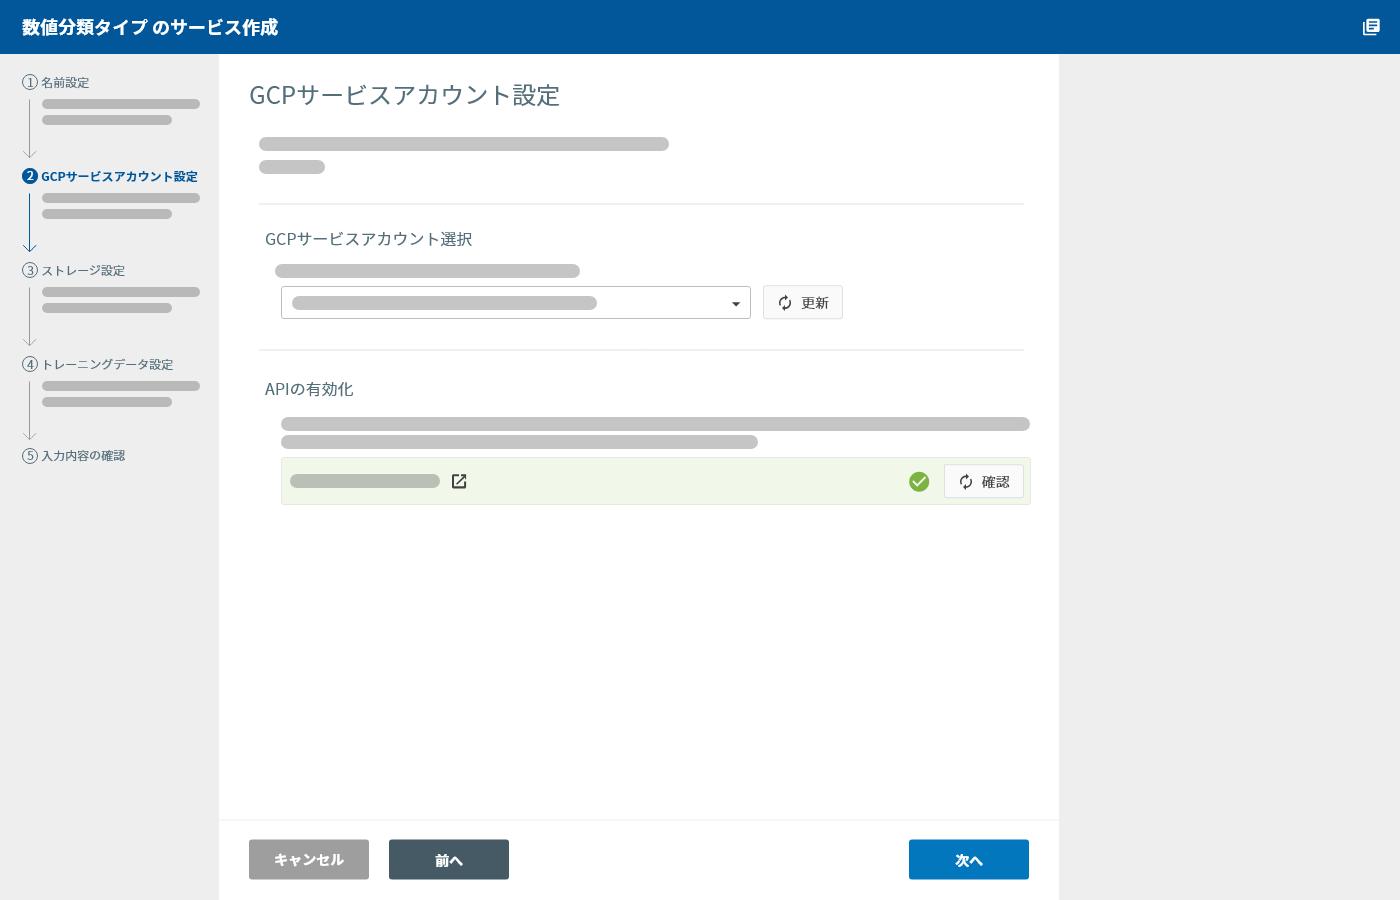 GCP サービスアカウント設定画面